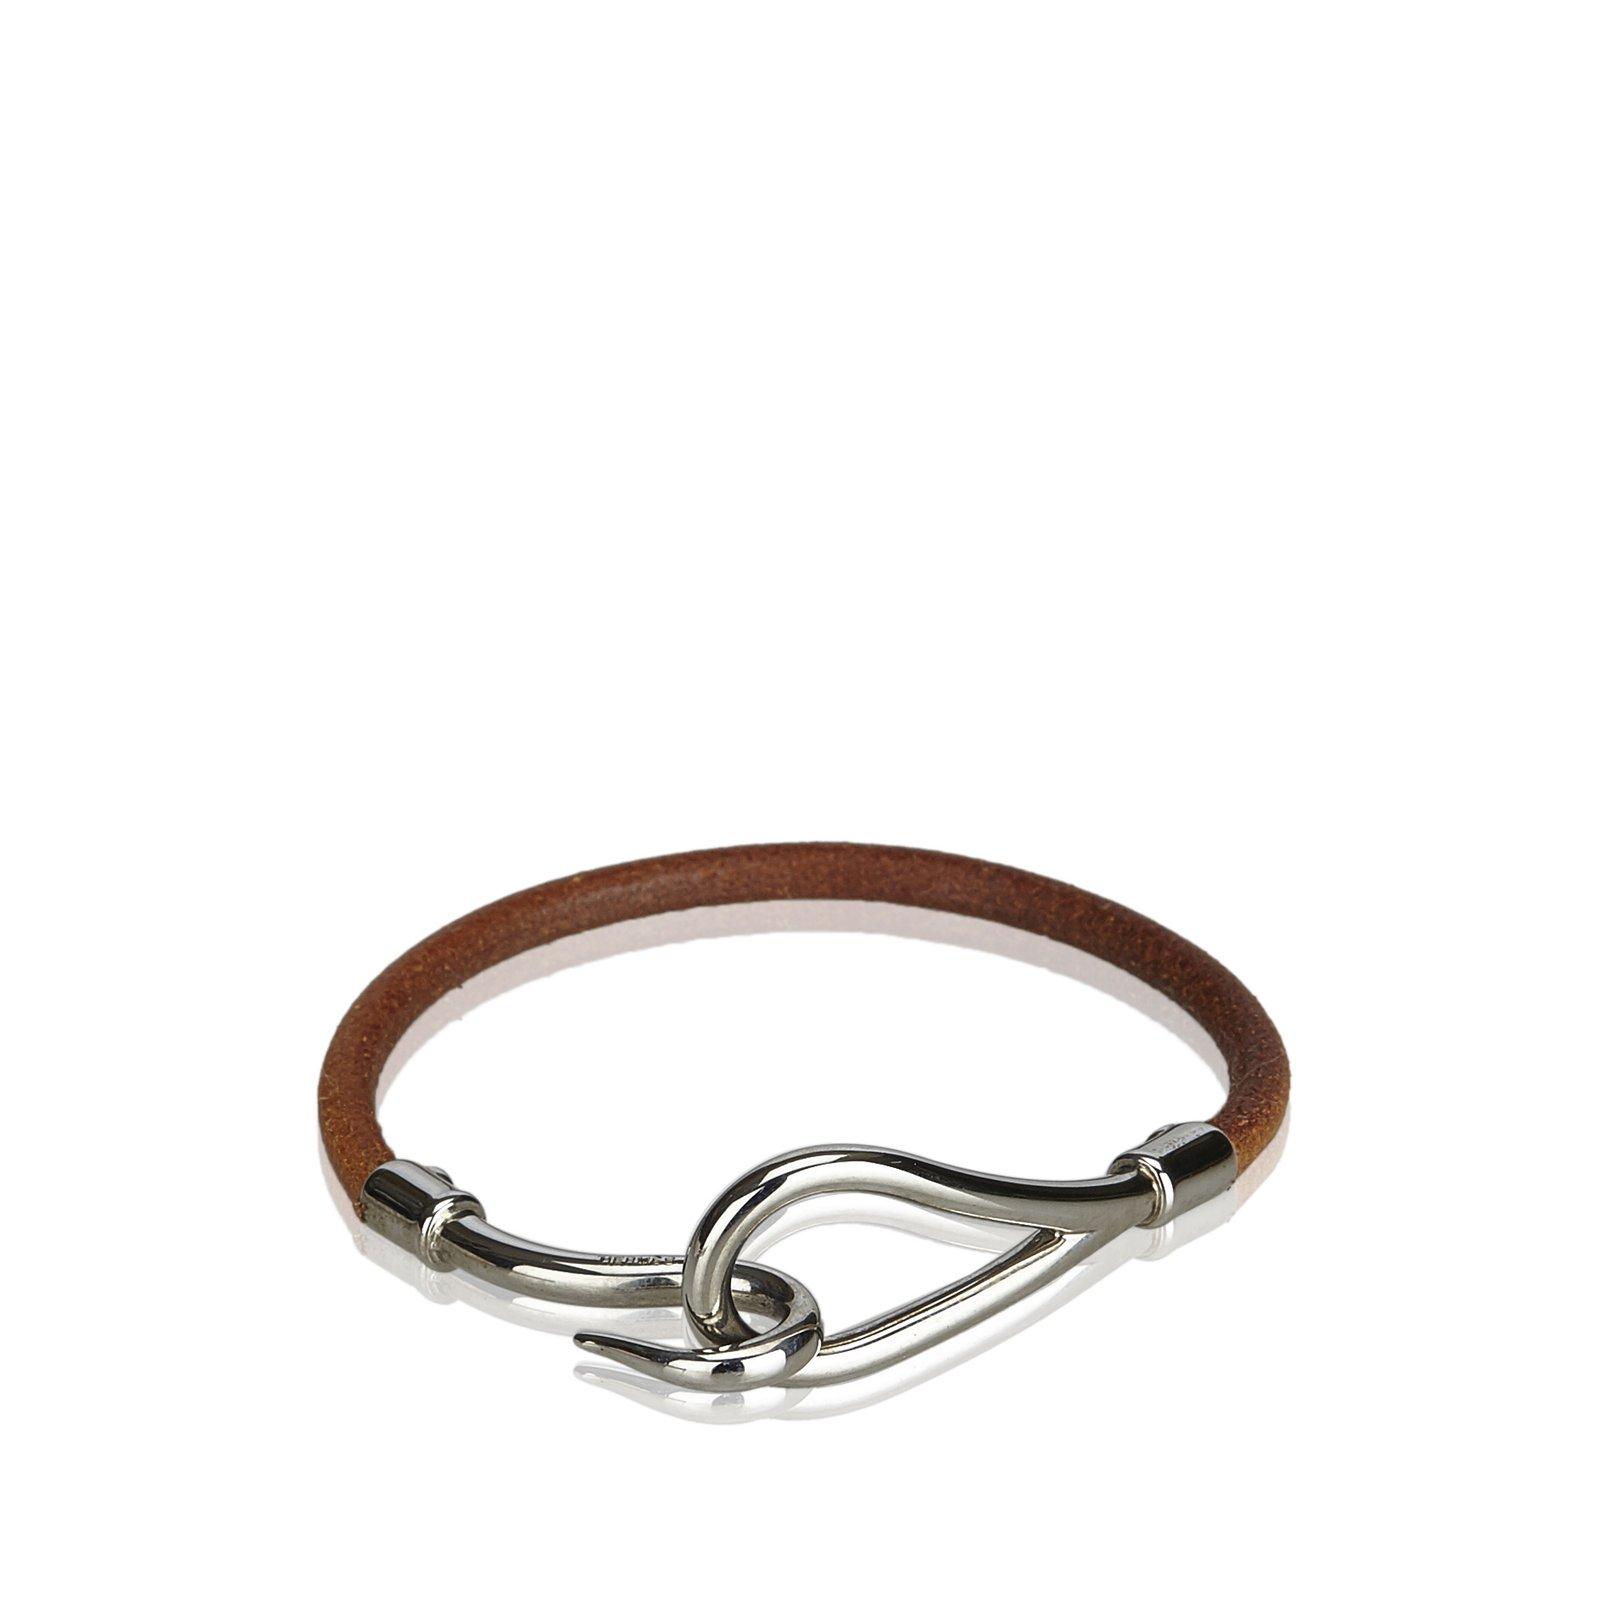 4d81b2860f20 Bracelets Hermès Bracelet Crochet Jumbo Cuir,Autre,Métal Marron,Argenté  ref.101412